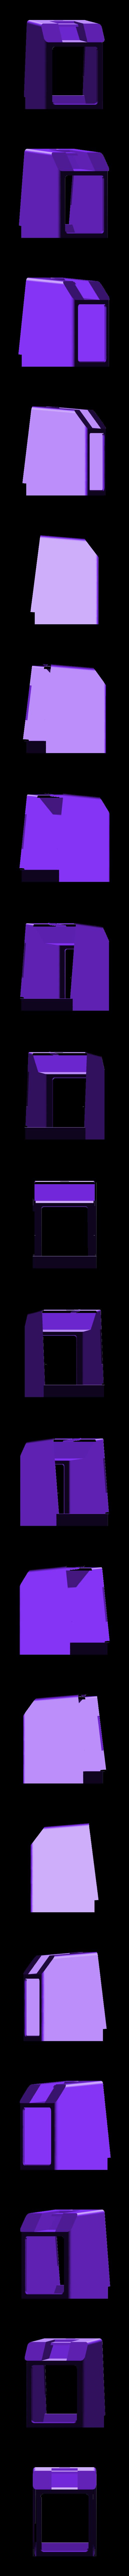 hallowmac-case.stl Télécharger fichier STL gratuit HalloWing Mac M0 • Modèle à imprimer en 3D, Adafruit